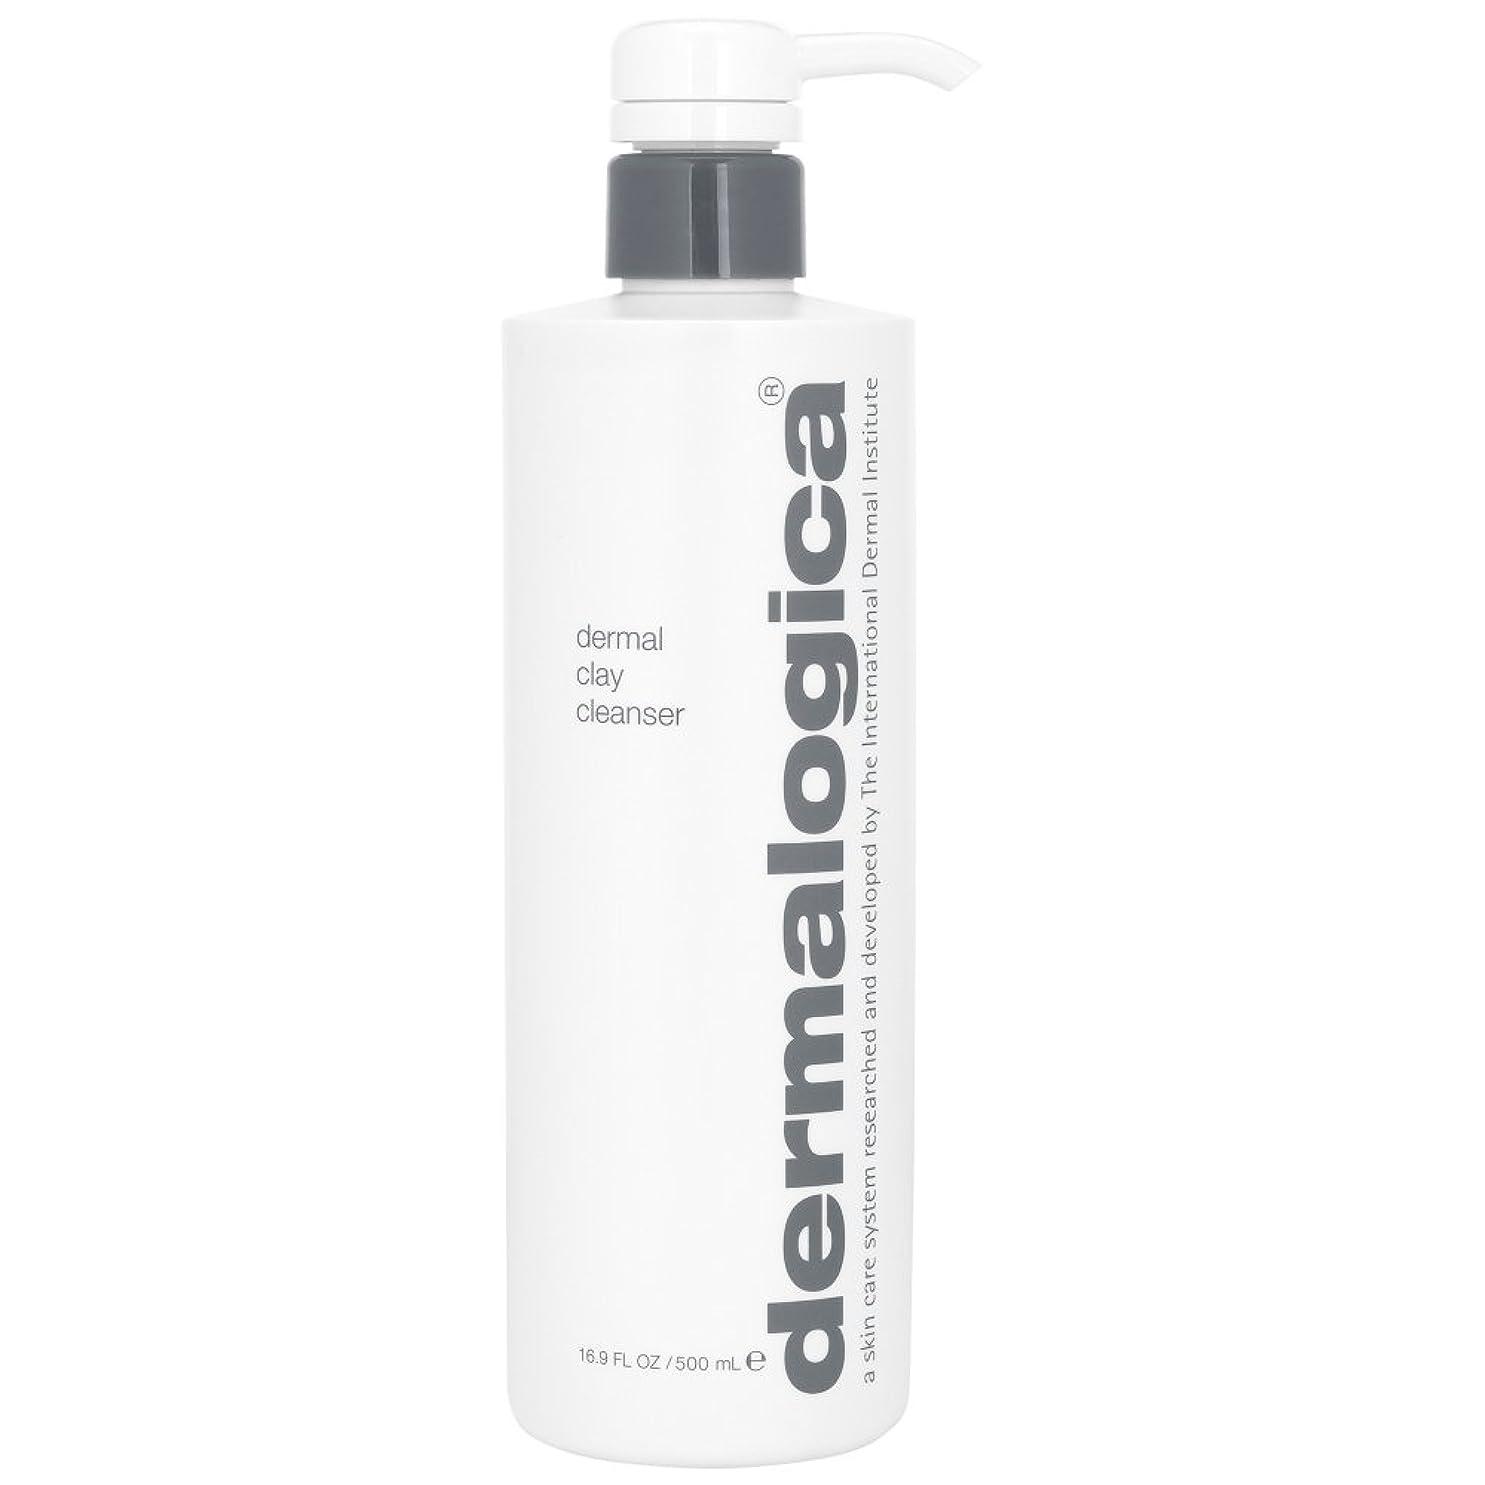 レスリングロマンスディプロマダーマロジカ真皮クレイクレンザー500ミリリットル (Dermalogica) (x2) - Dermalogica Dermal Clay Cleanser 500ml (Pack of 2) [並行輸入品]